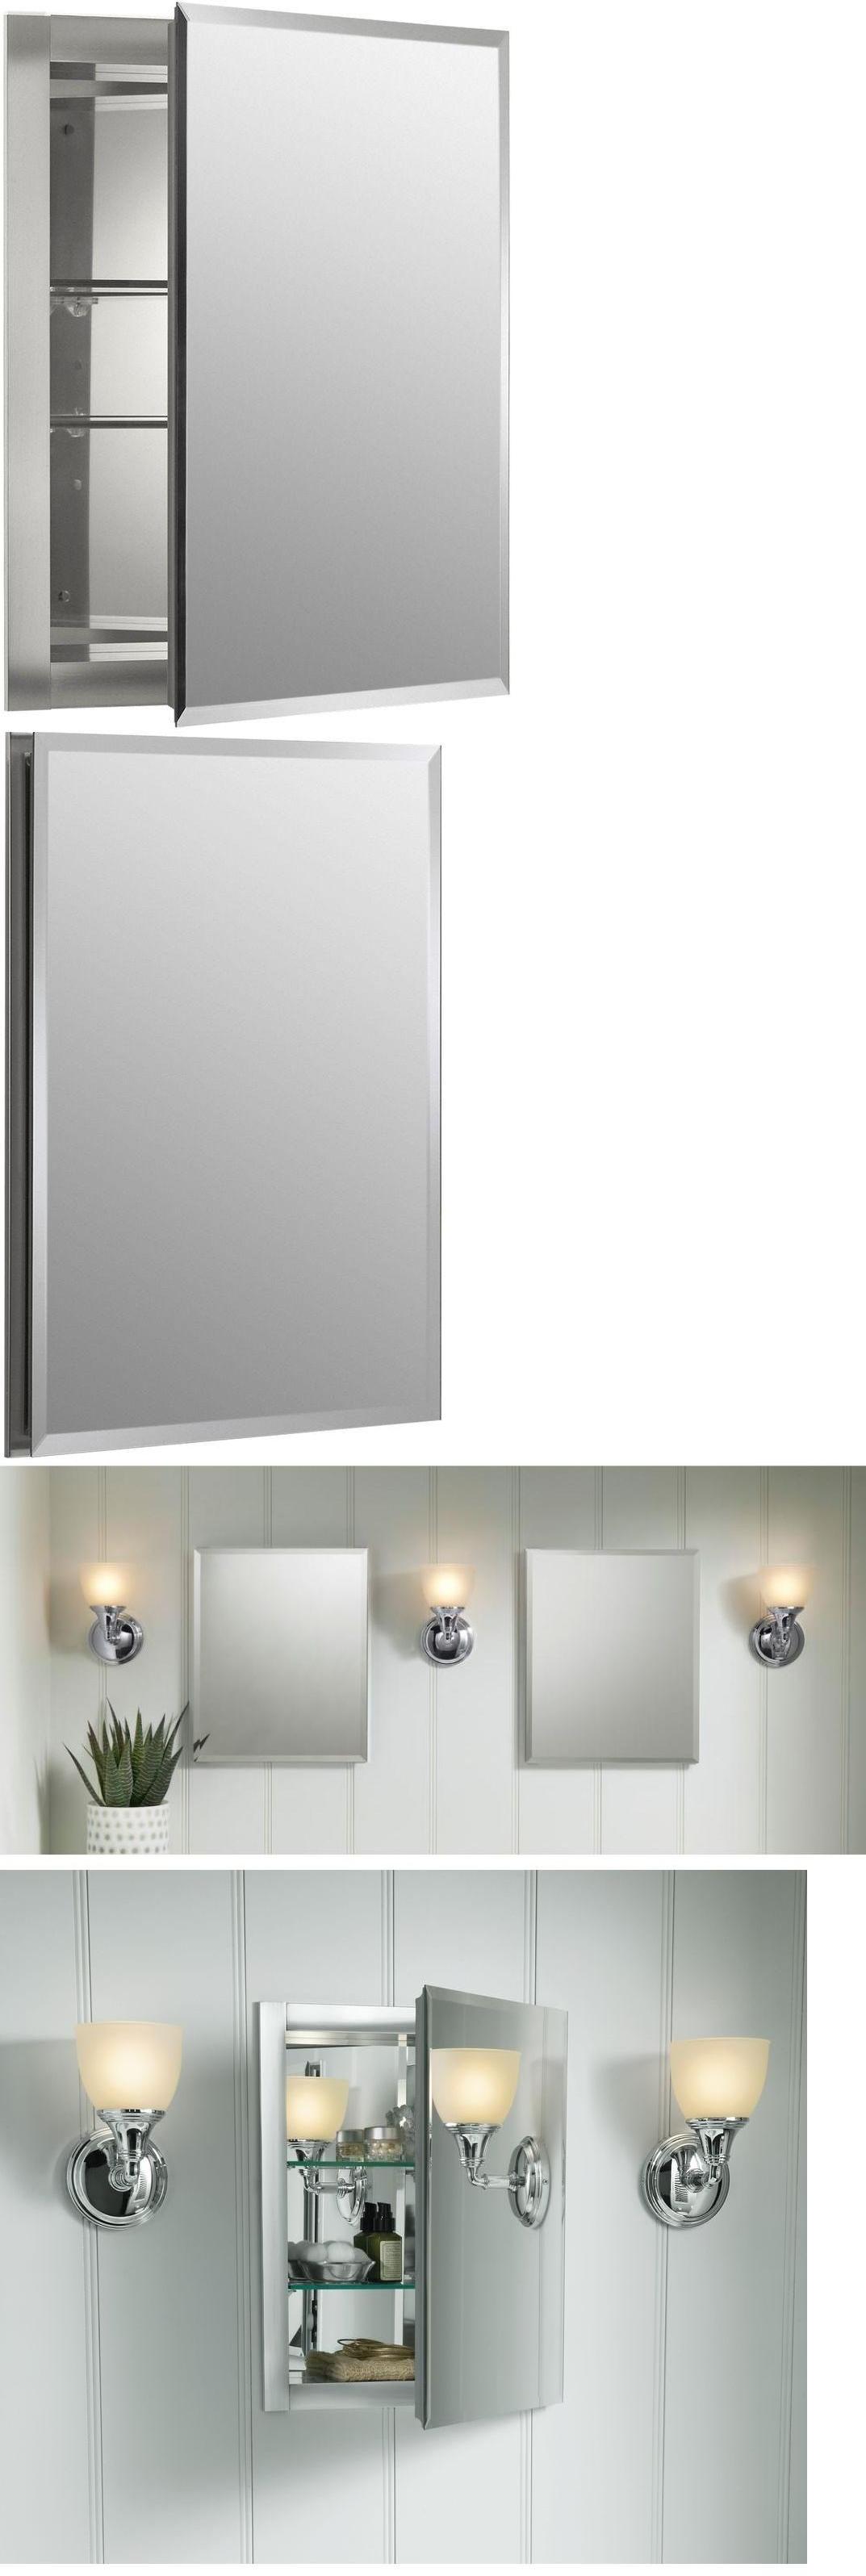 medicine cabinets kohler aluminum recessed frameless bathroom mirrored shelved medicine cabinet u003e buy - Kohler Medicine Cabinets